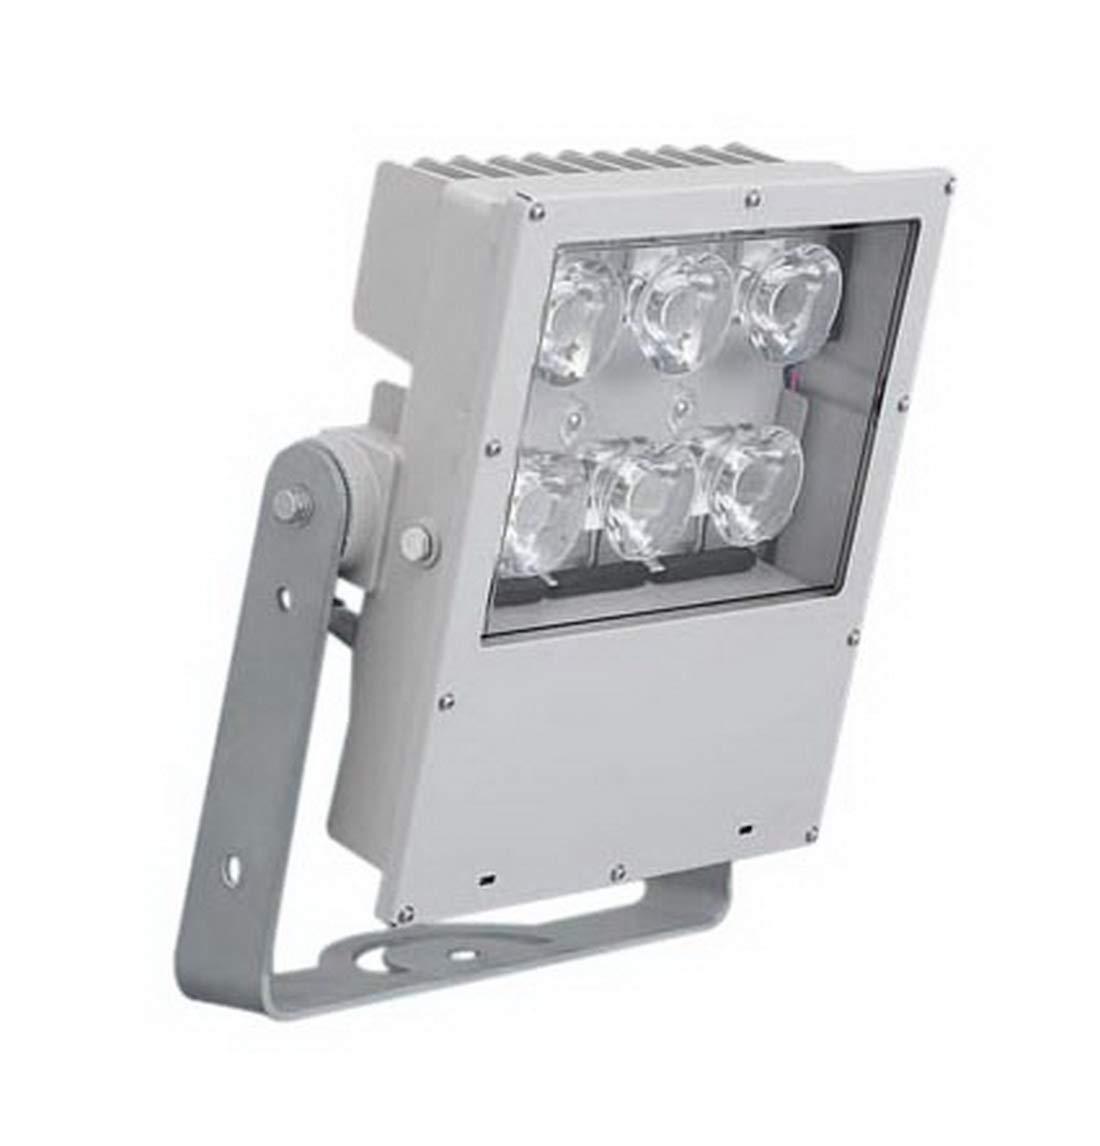 パナソニック LEDモールライト 駐車場用 電源内蔵型 水銀灯1000形 ビーム角122° 調光 昼白色 NYS10257LF2